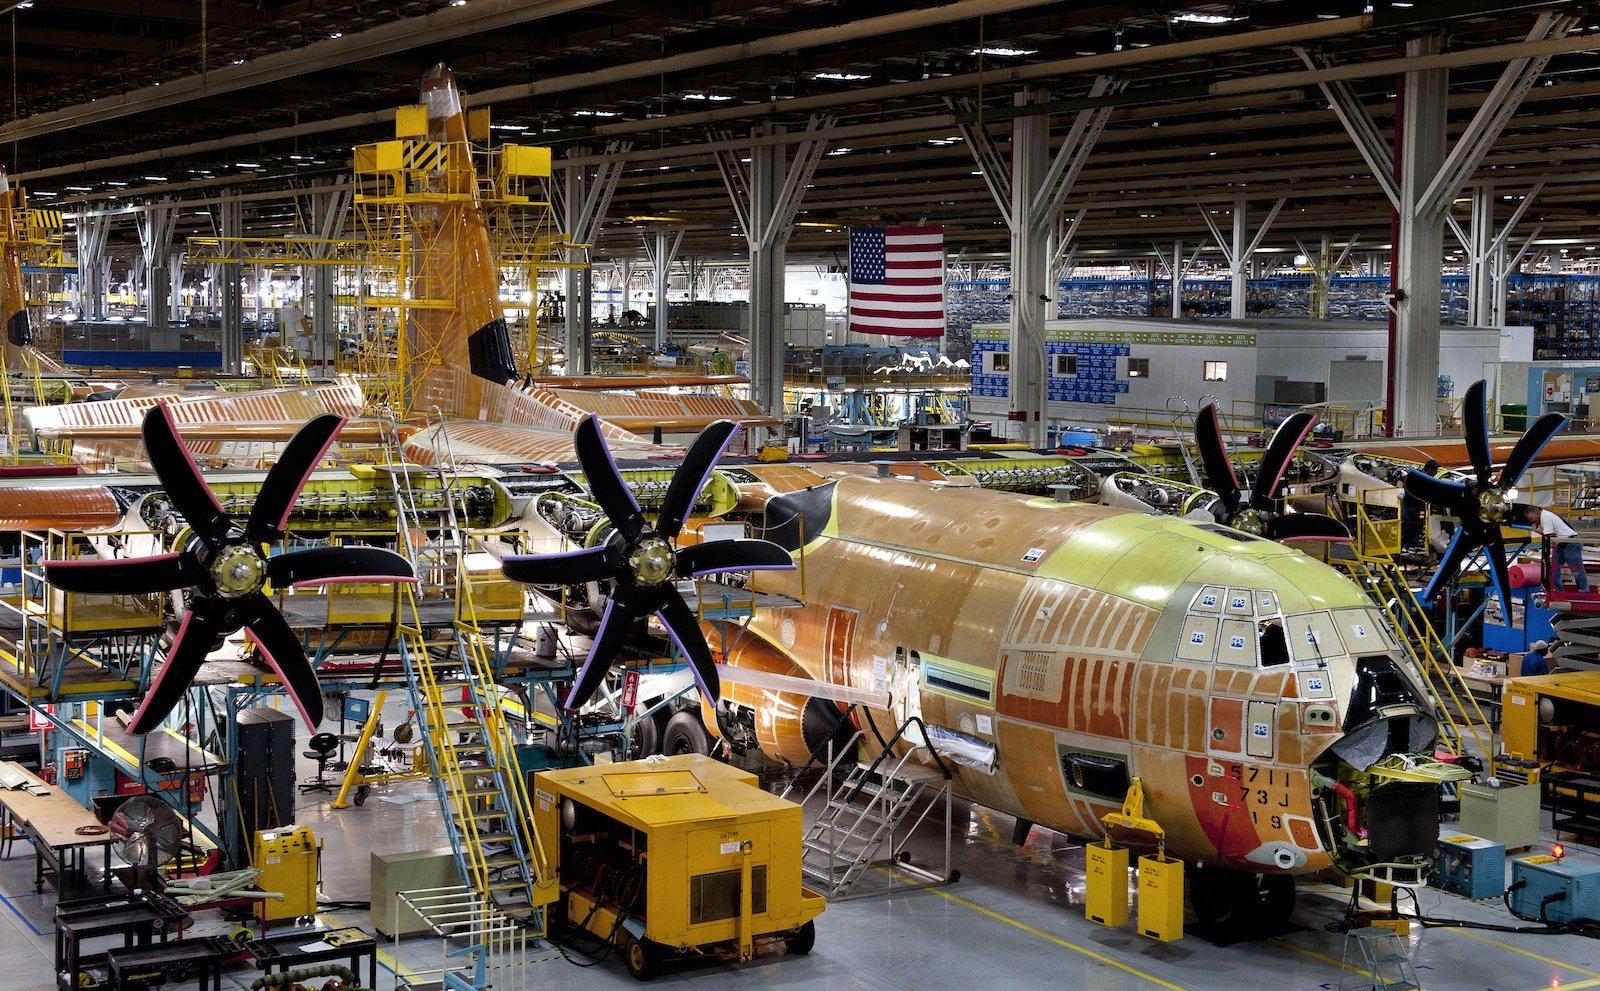 Im Sommer 2012 baute Lockheed Martin den ersten AC-130J. Die FLugzeuge sind für Sondereinsätze der amerikanischen Luftwaffe vorgesehen und sollen mit nicht-tödlichen Mikrowellen-Waffen ausgestattet werden.